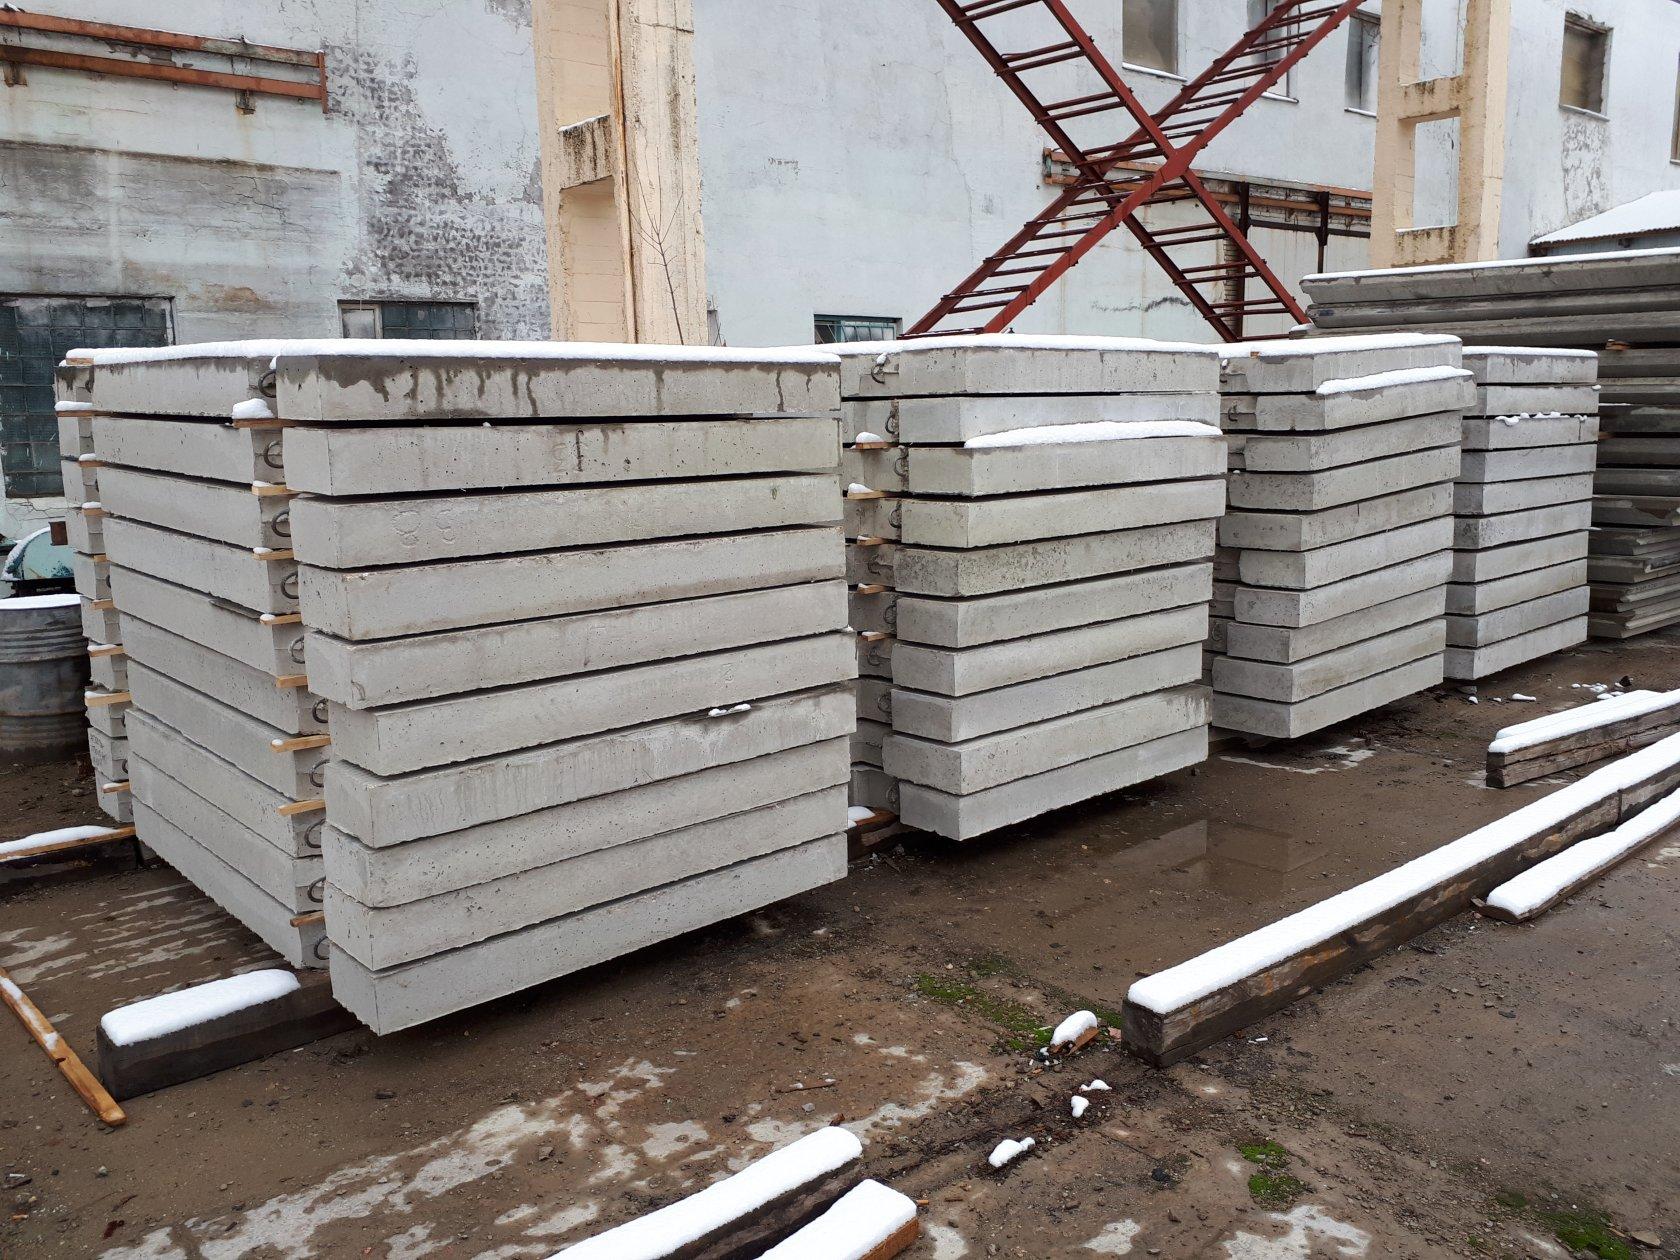 Производство дорожной плиты ПДП 3х1,75 и Плита дорожная 2п30-18-30 схема